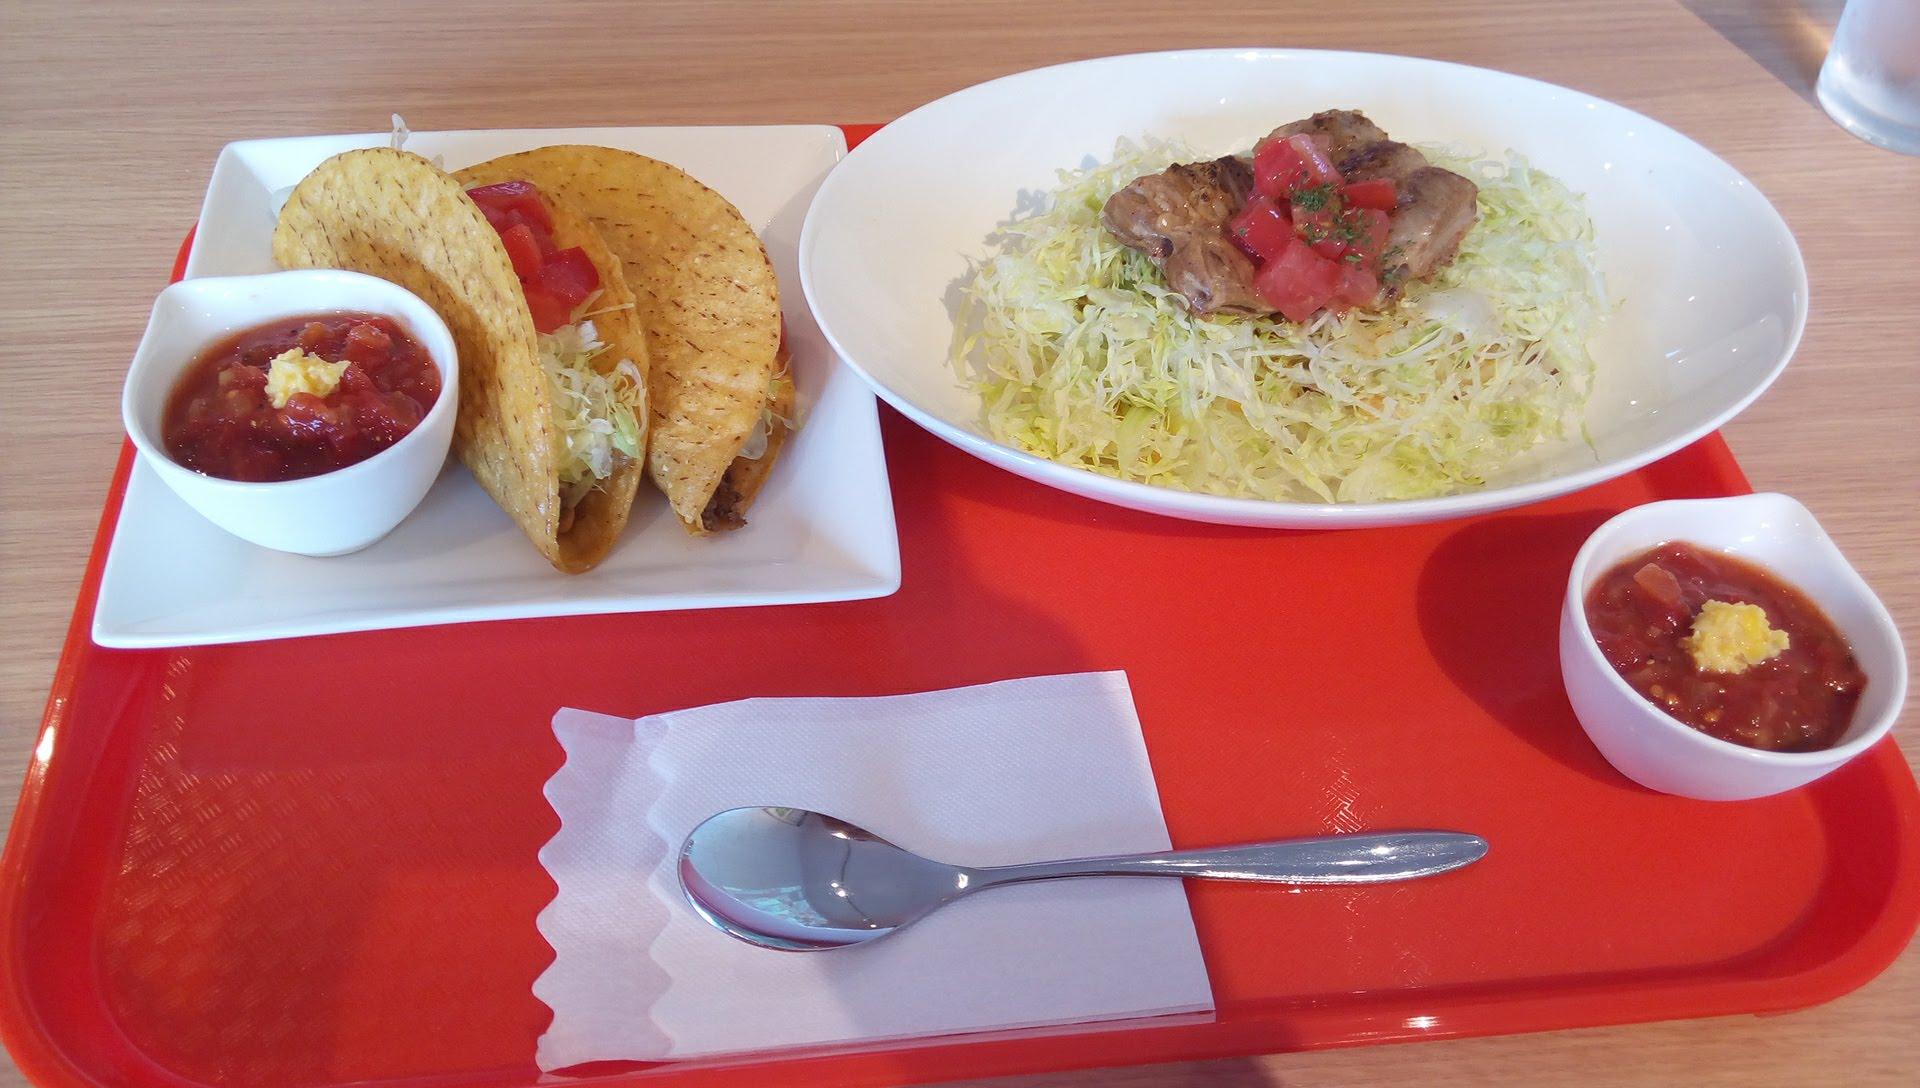 Soki Taco Rice and Tacos